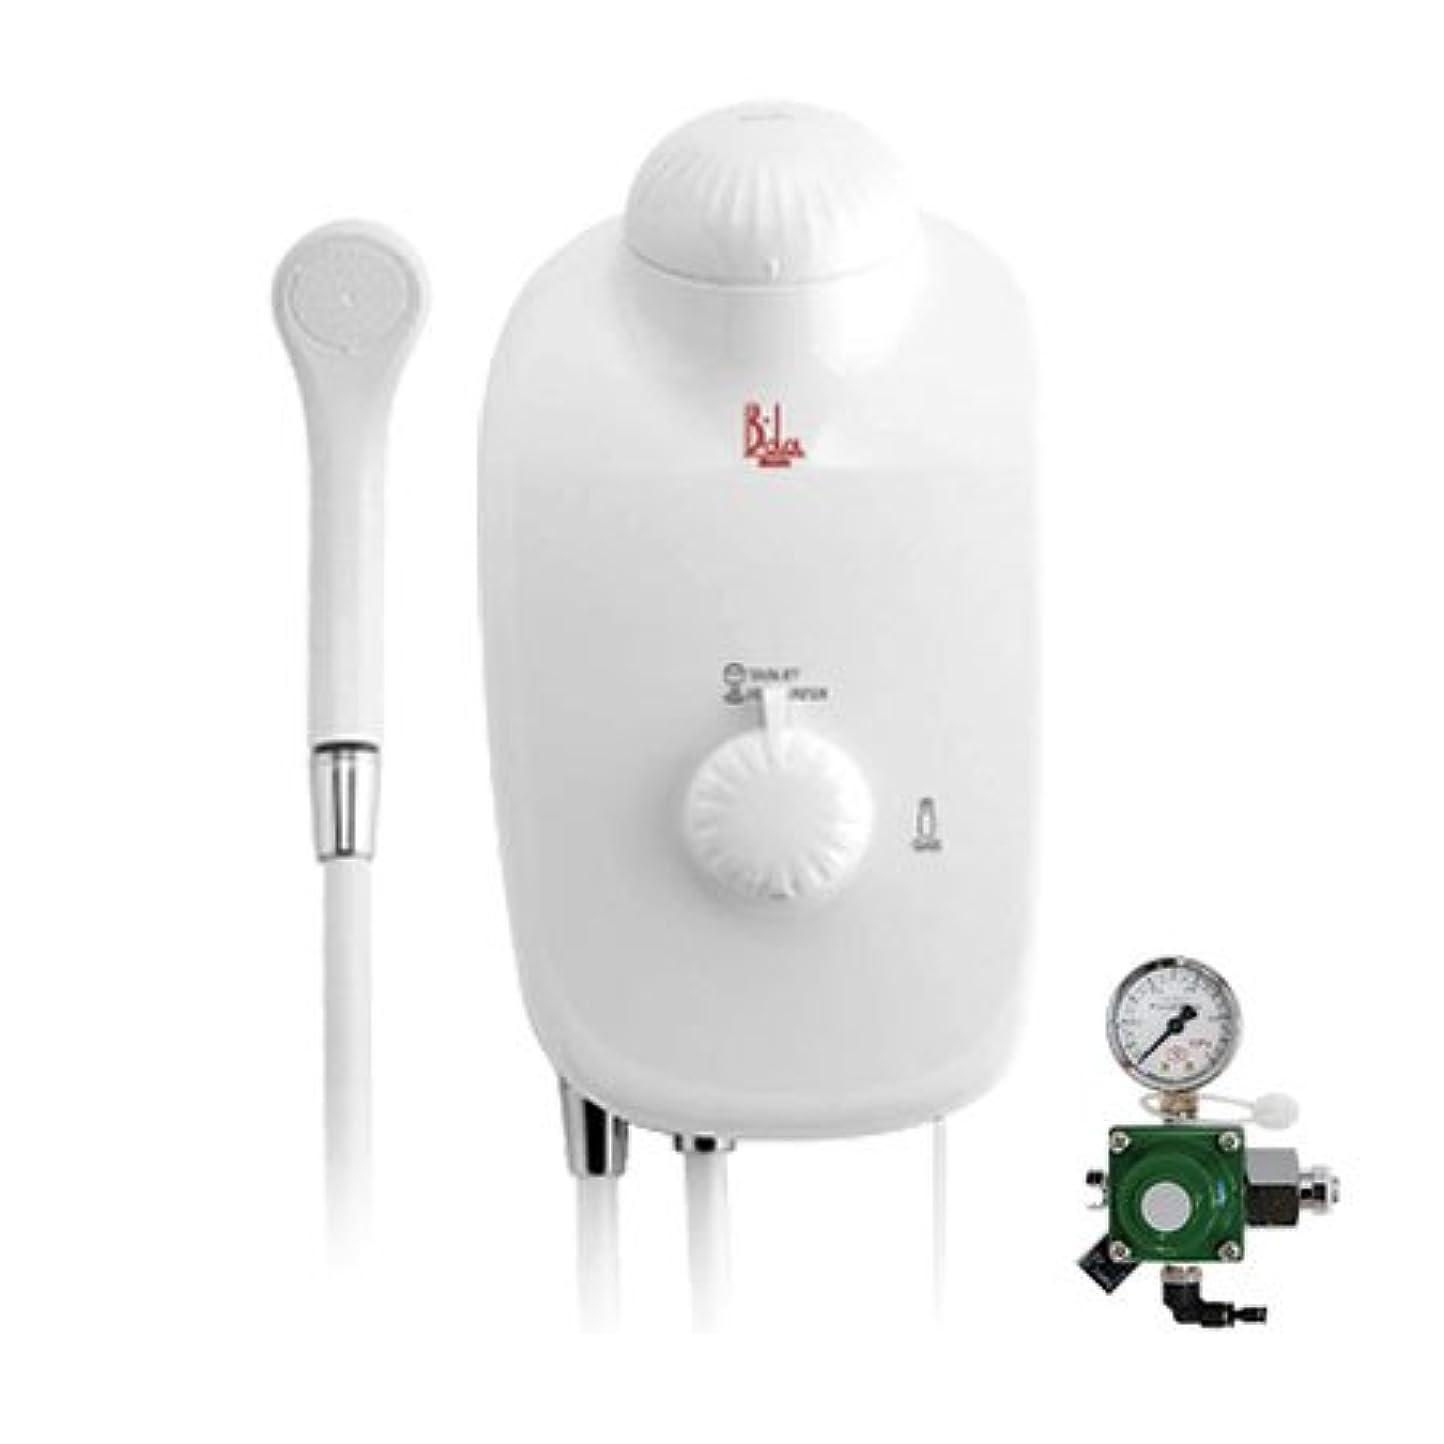 機関同情的考古学的な高濃度炭酸泉装置 B-da(ビーダ)本体セット?ガス圧調節器付き